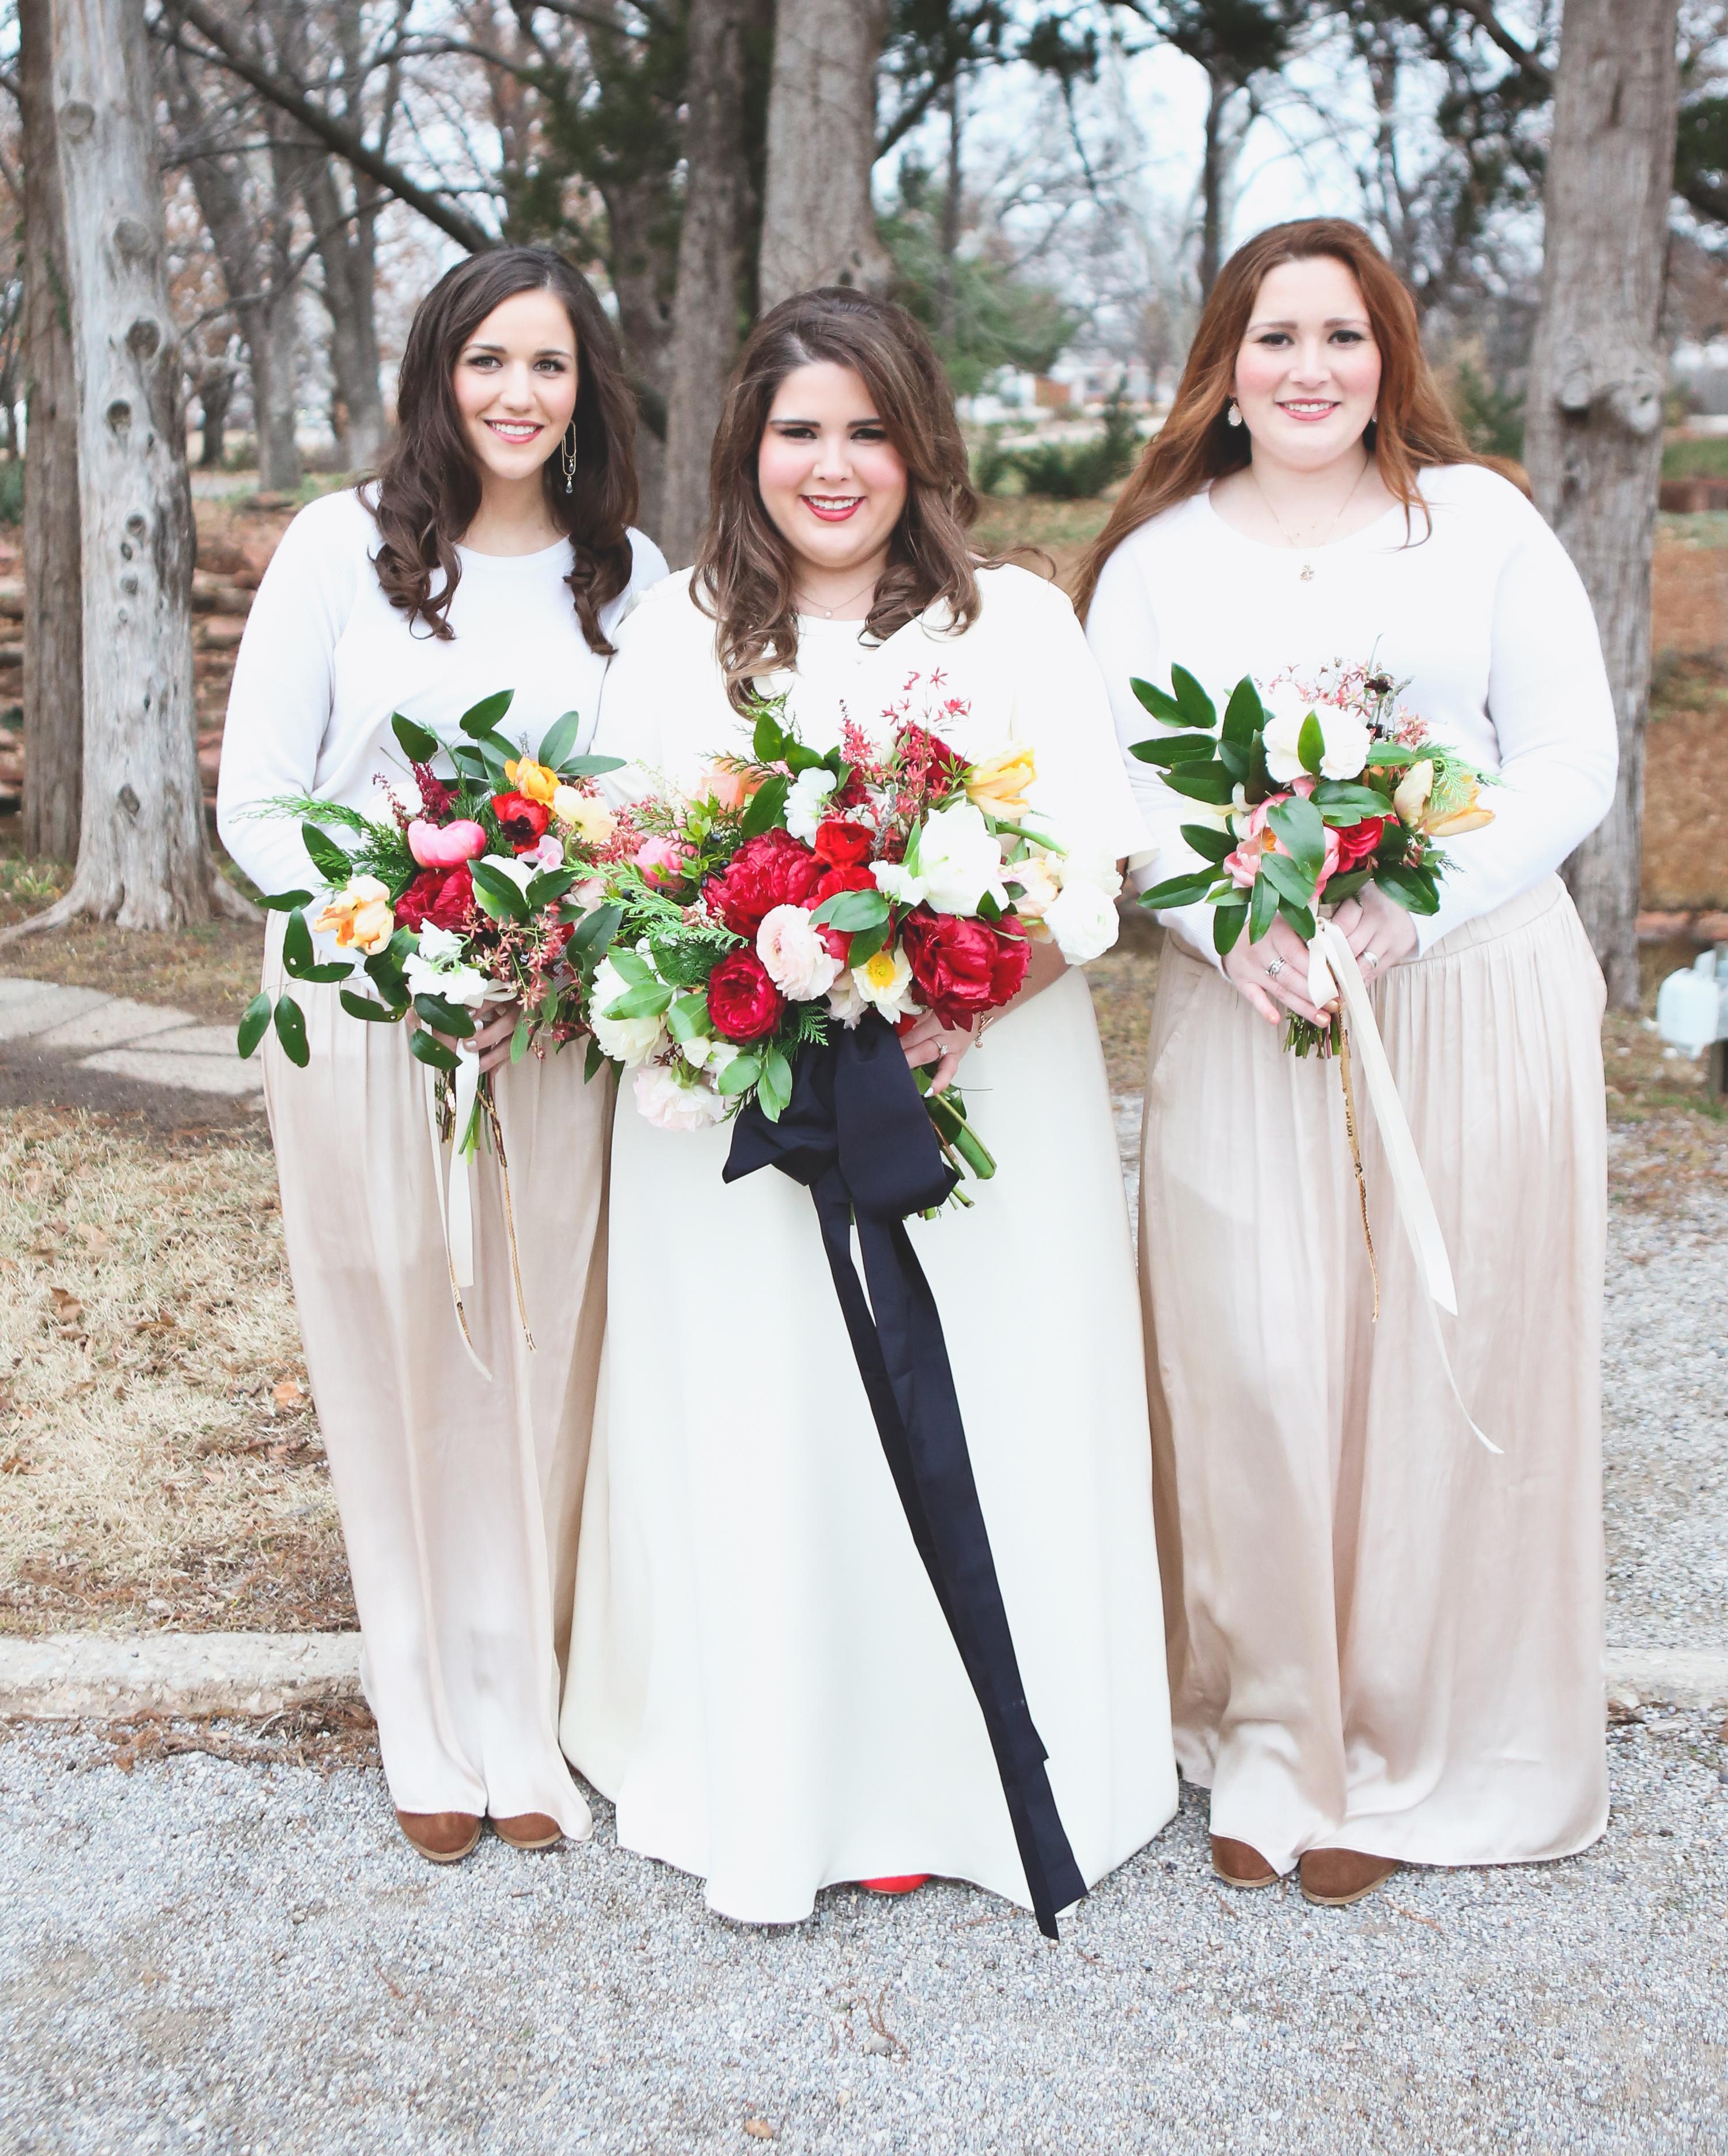 jessie-justin-wedding-bridesmaids-1-s112135-0915.jpg